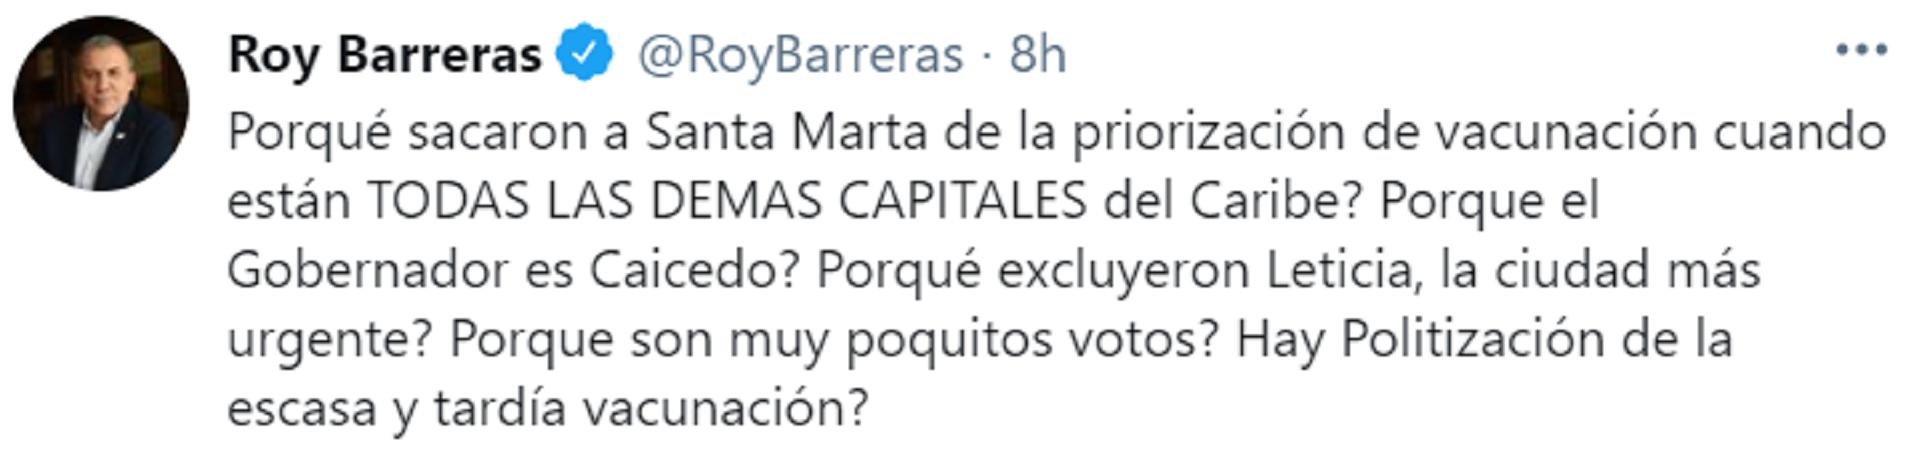 """Roy Barreras preguntó si se está politizando por """"la escasa y tardía vacunación"""" en el país. Foto: Twitter: Roy Barreras."""